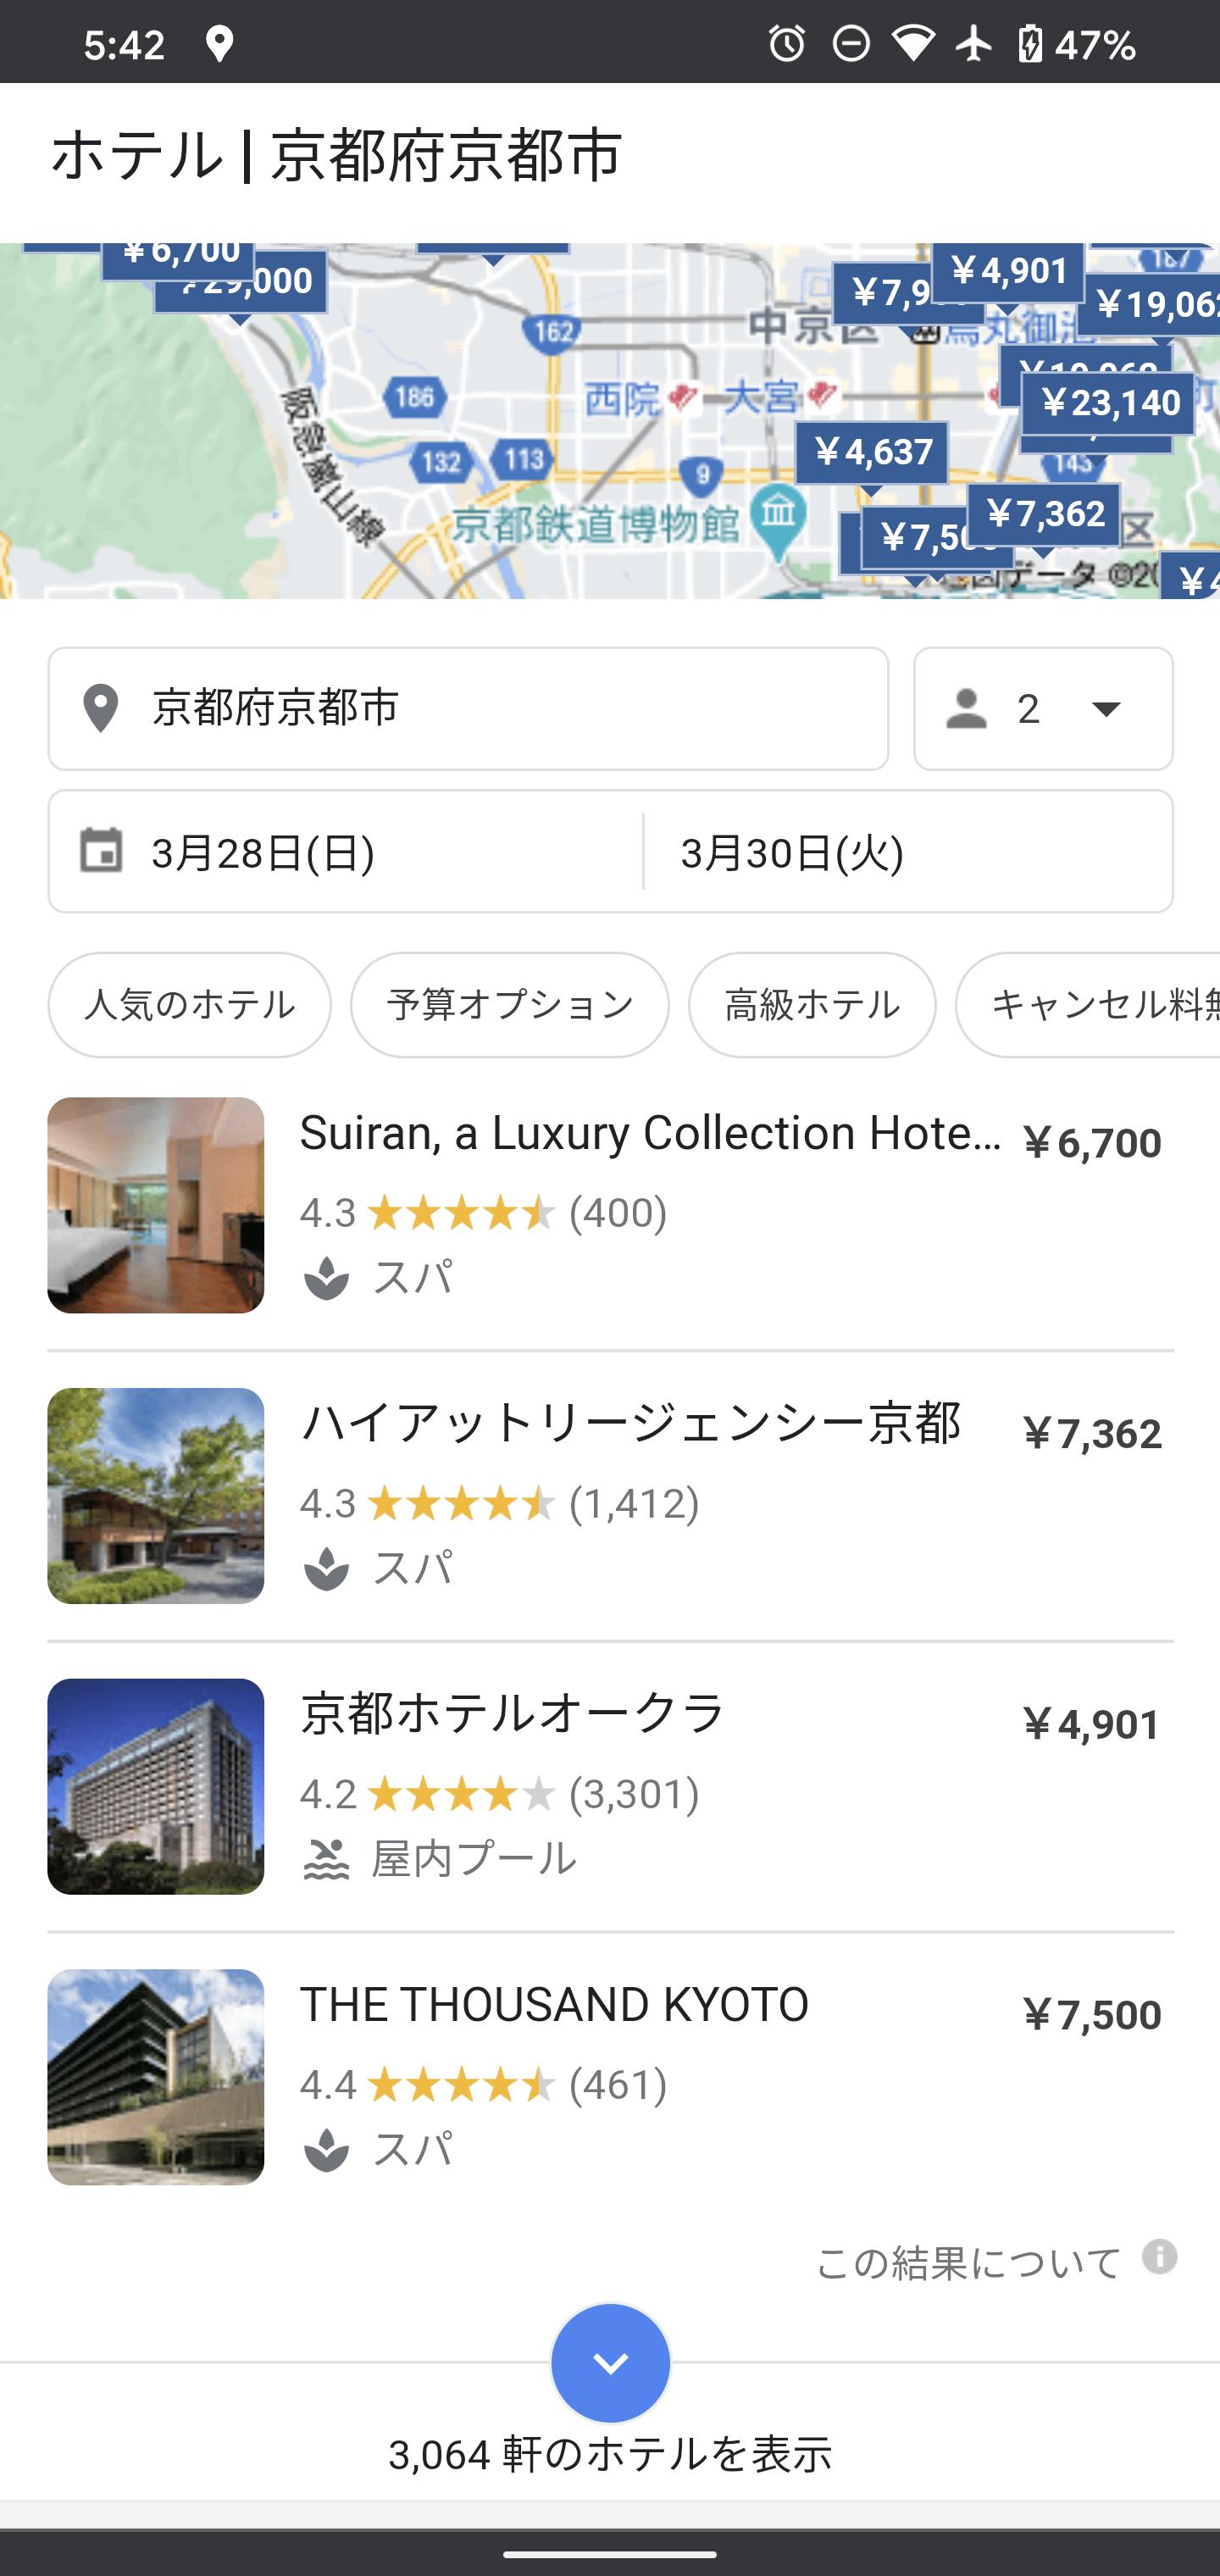 ウェブ検索に差し込まれたホテル検索結果